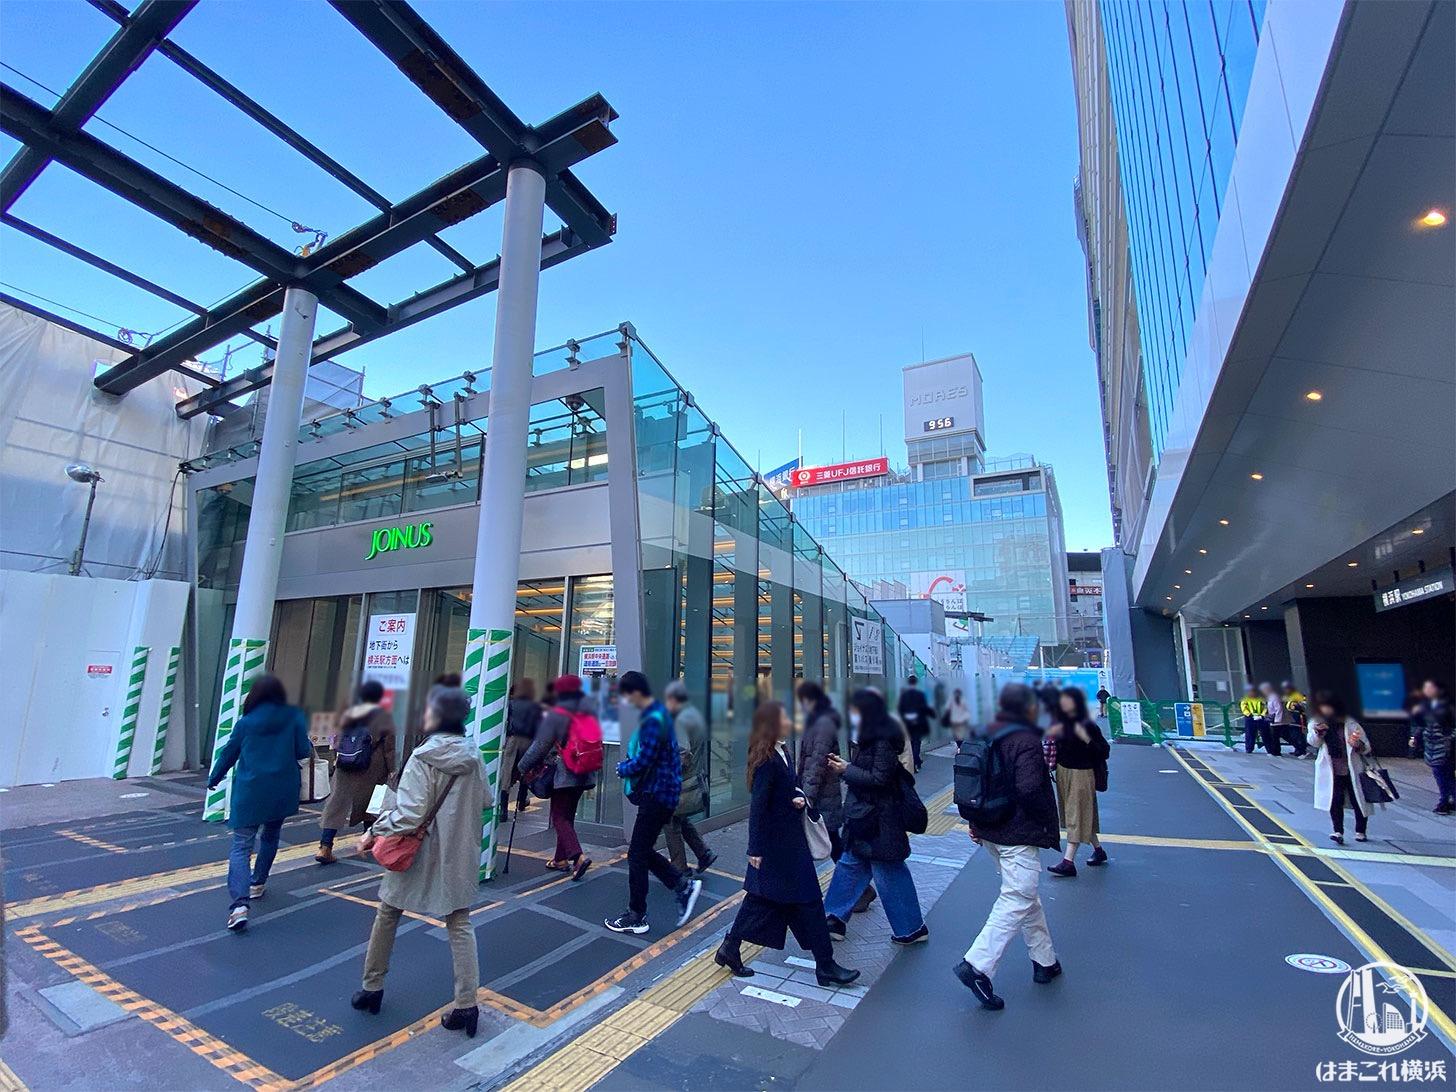 西口駅前の様子 2019年12月